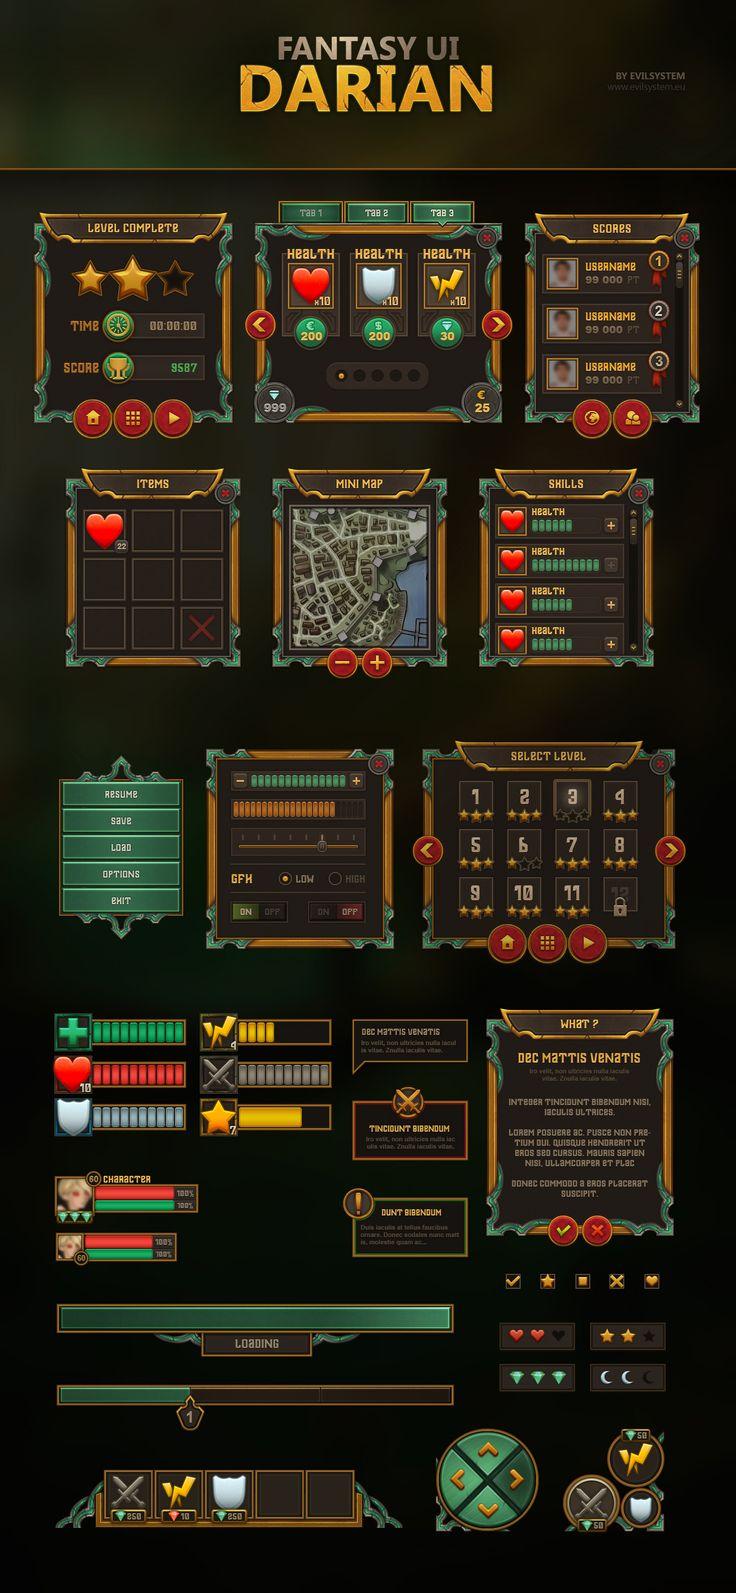 Fantasy UI - Darian by Evil-S on DeviantArt